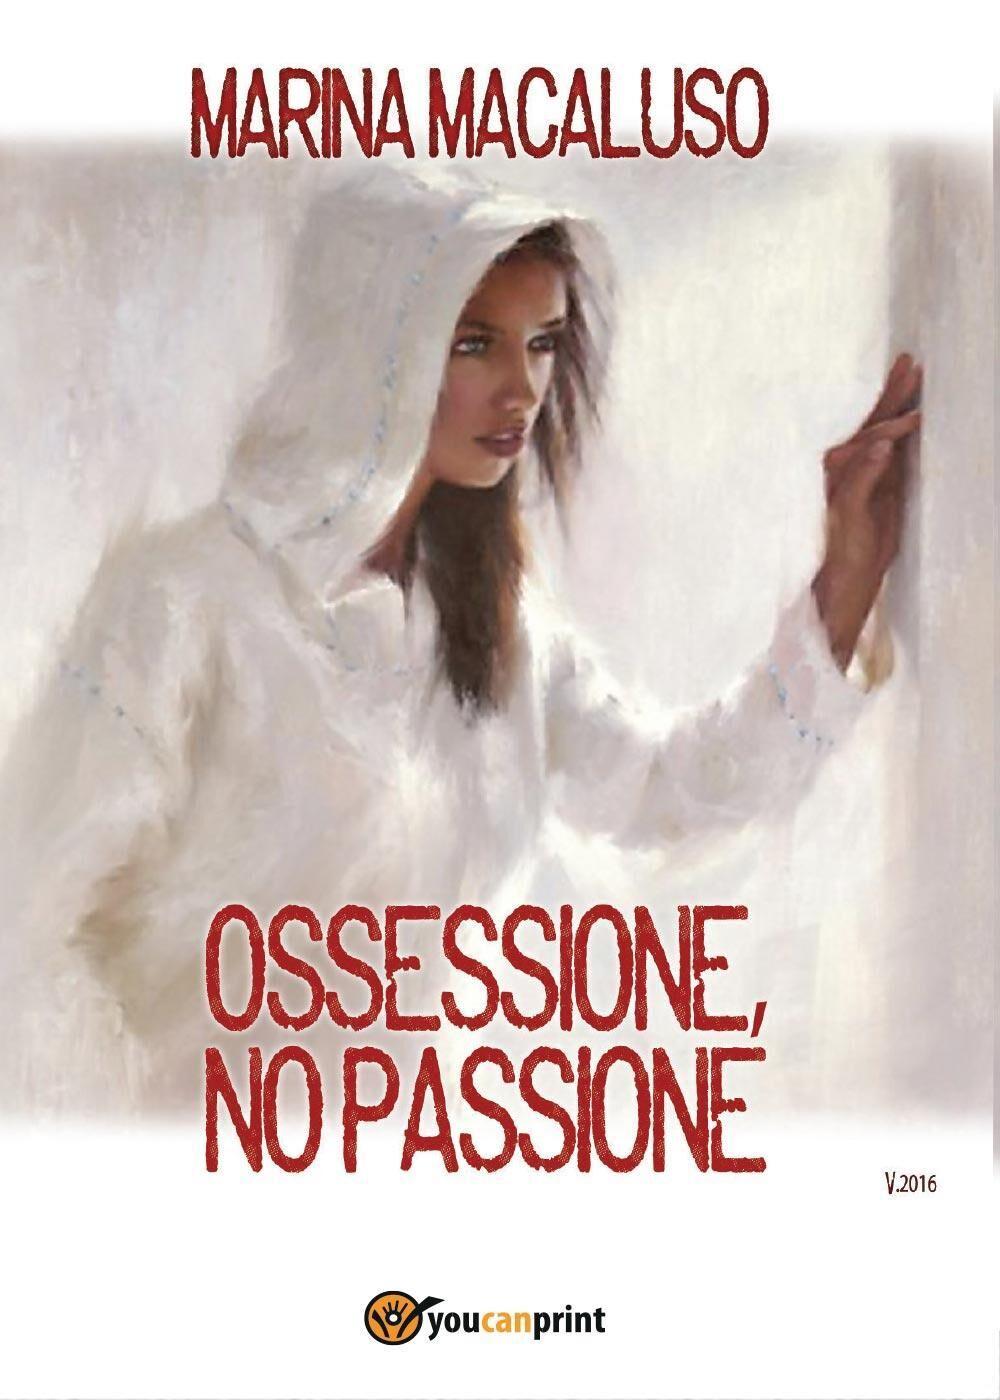 Ossessione, no passione